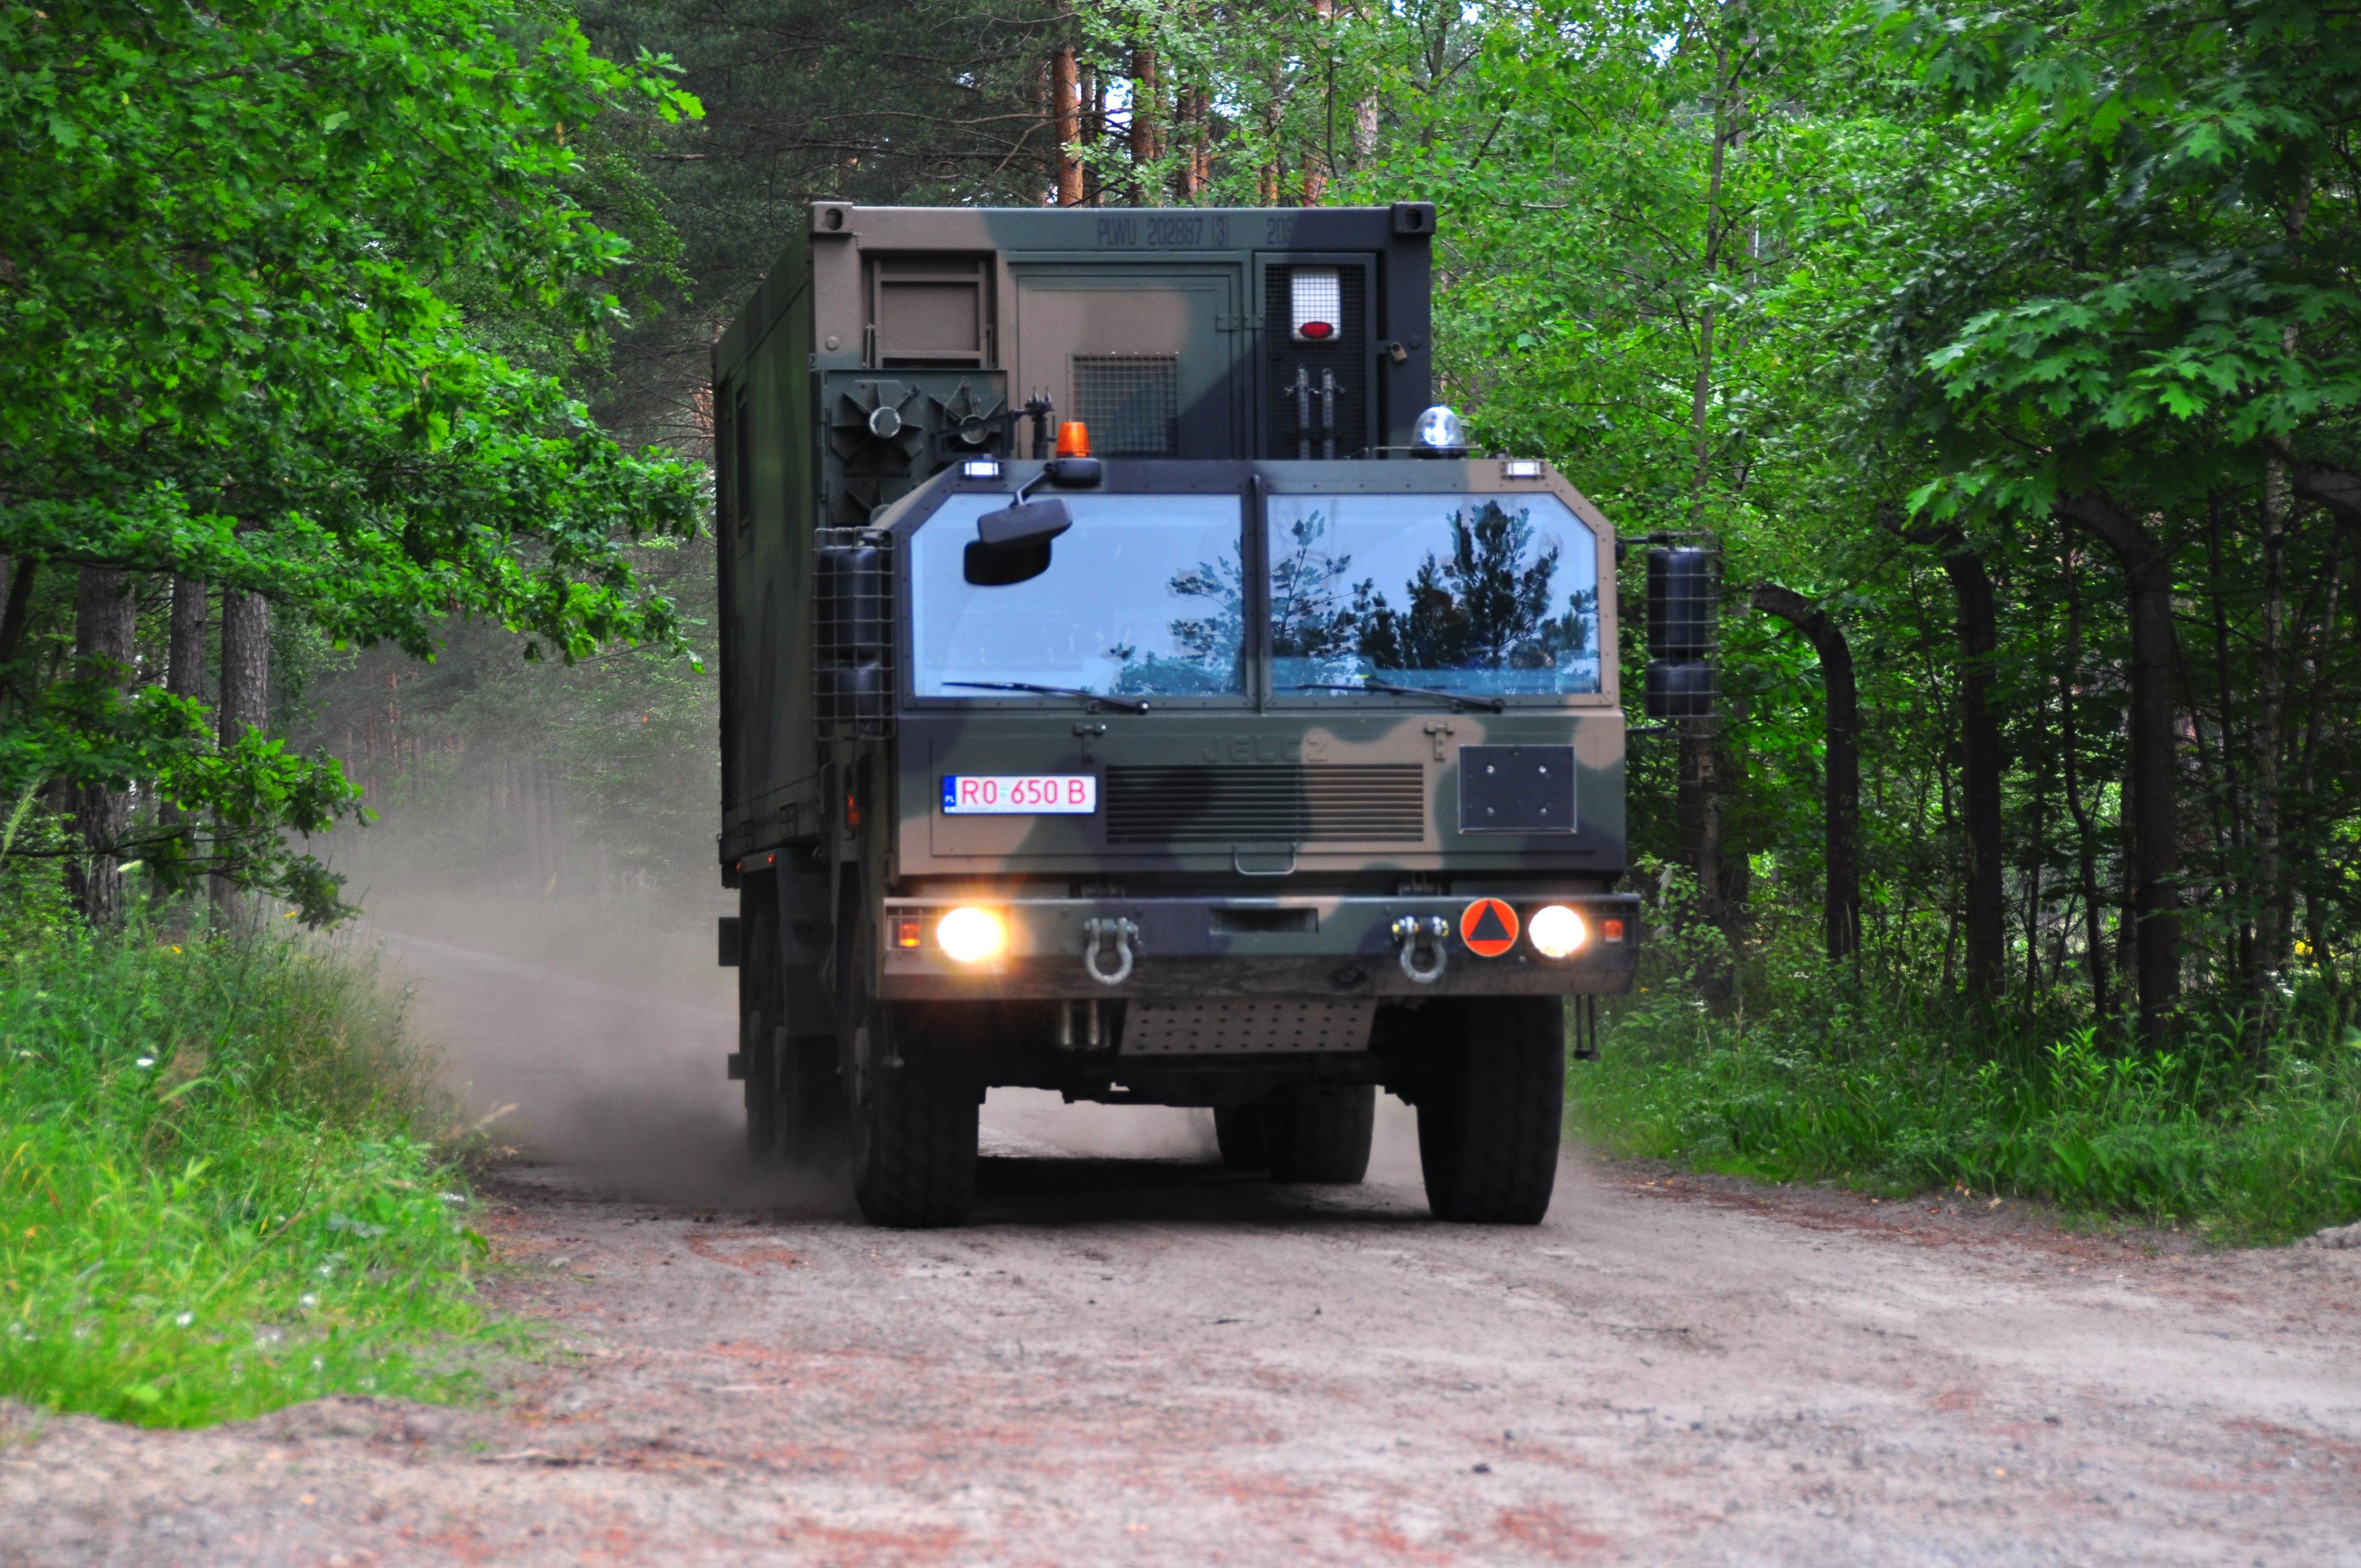 Artyleryjski Wóz Remontu Uzbrojenia Fot. mat. prasowe HSW